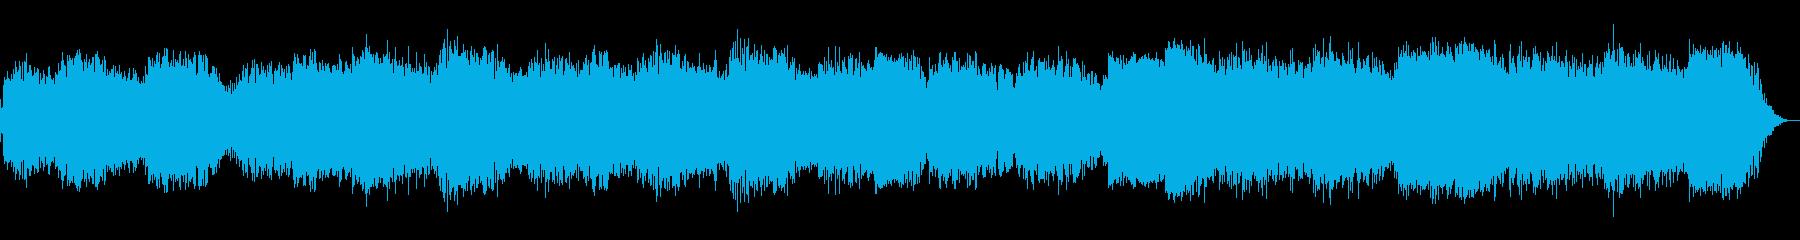 ヒーリング音楽が夢の中へと誘ってくれますの再生済みの波形